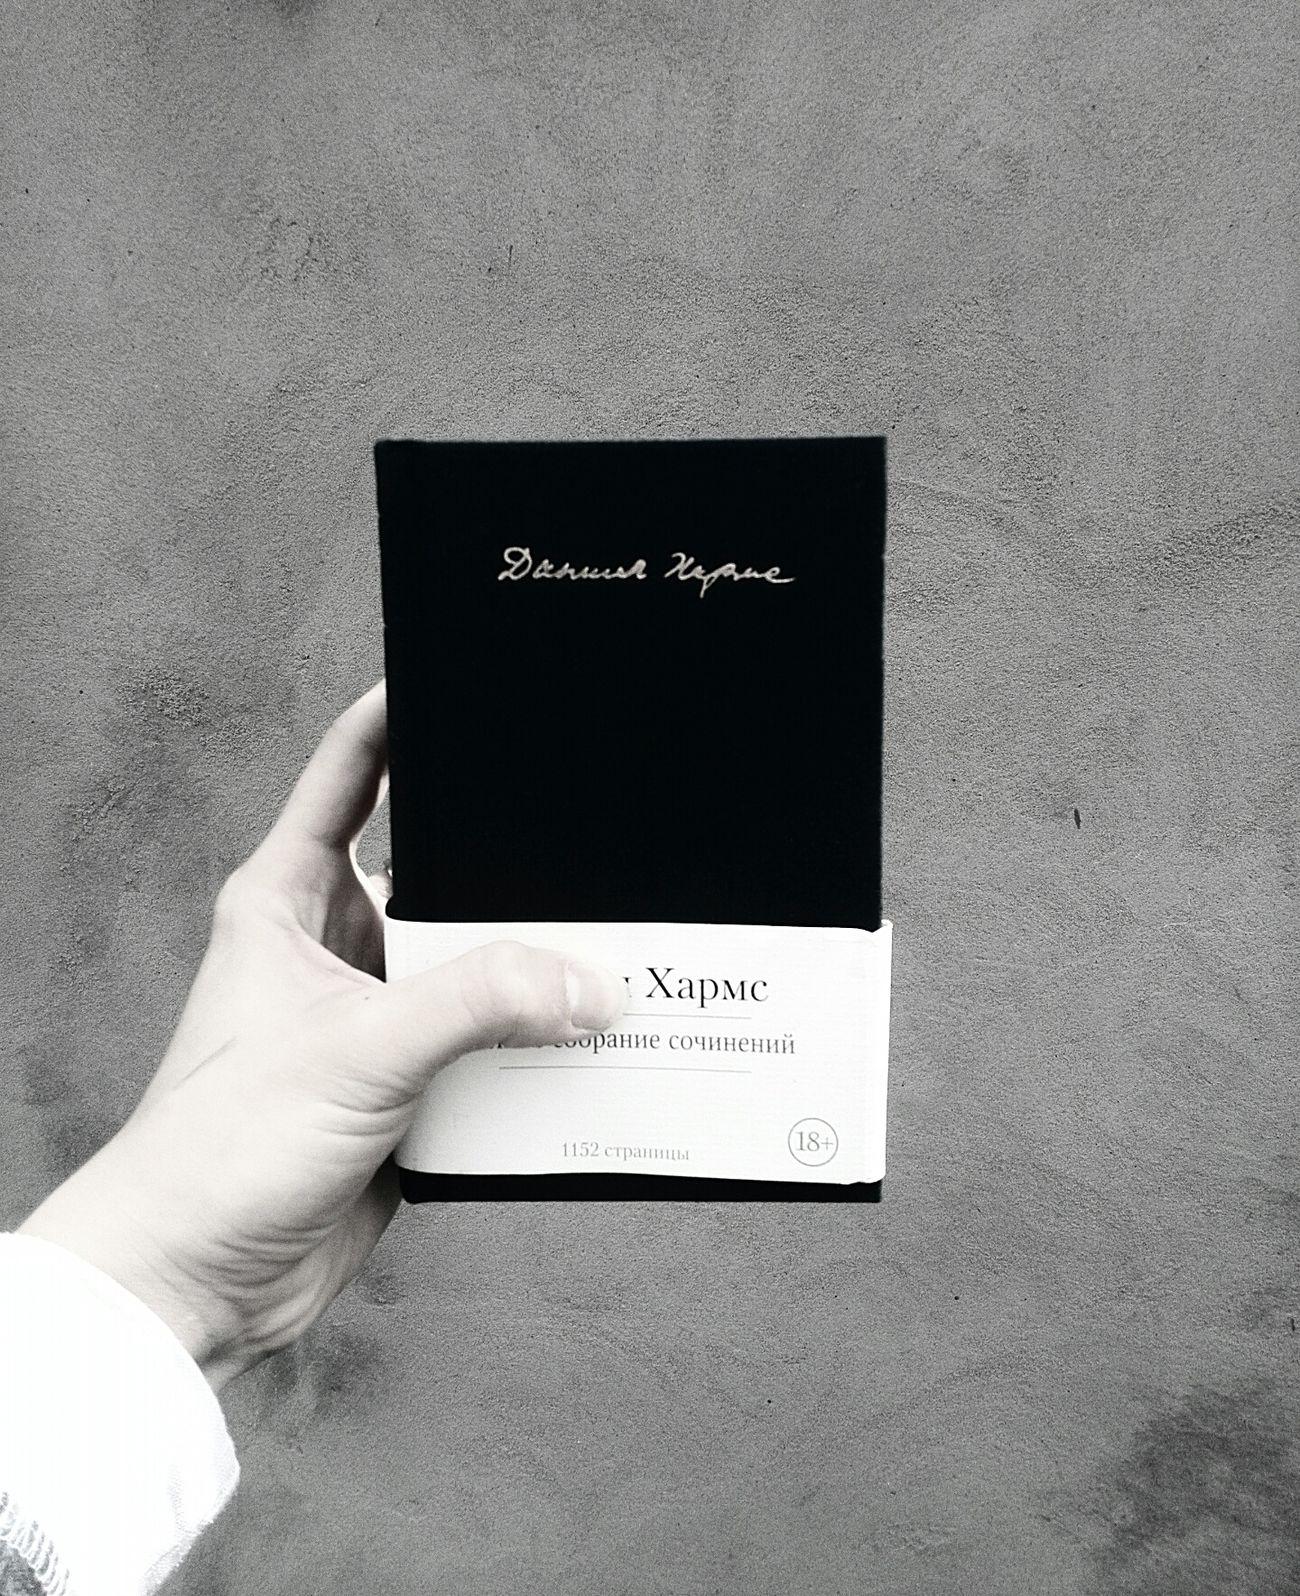 В холодные и пасмурные дни возьмите сборник со стихотворениями Даниила Хармса, душе станет веселее... хармс Colors Books Reading Photo